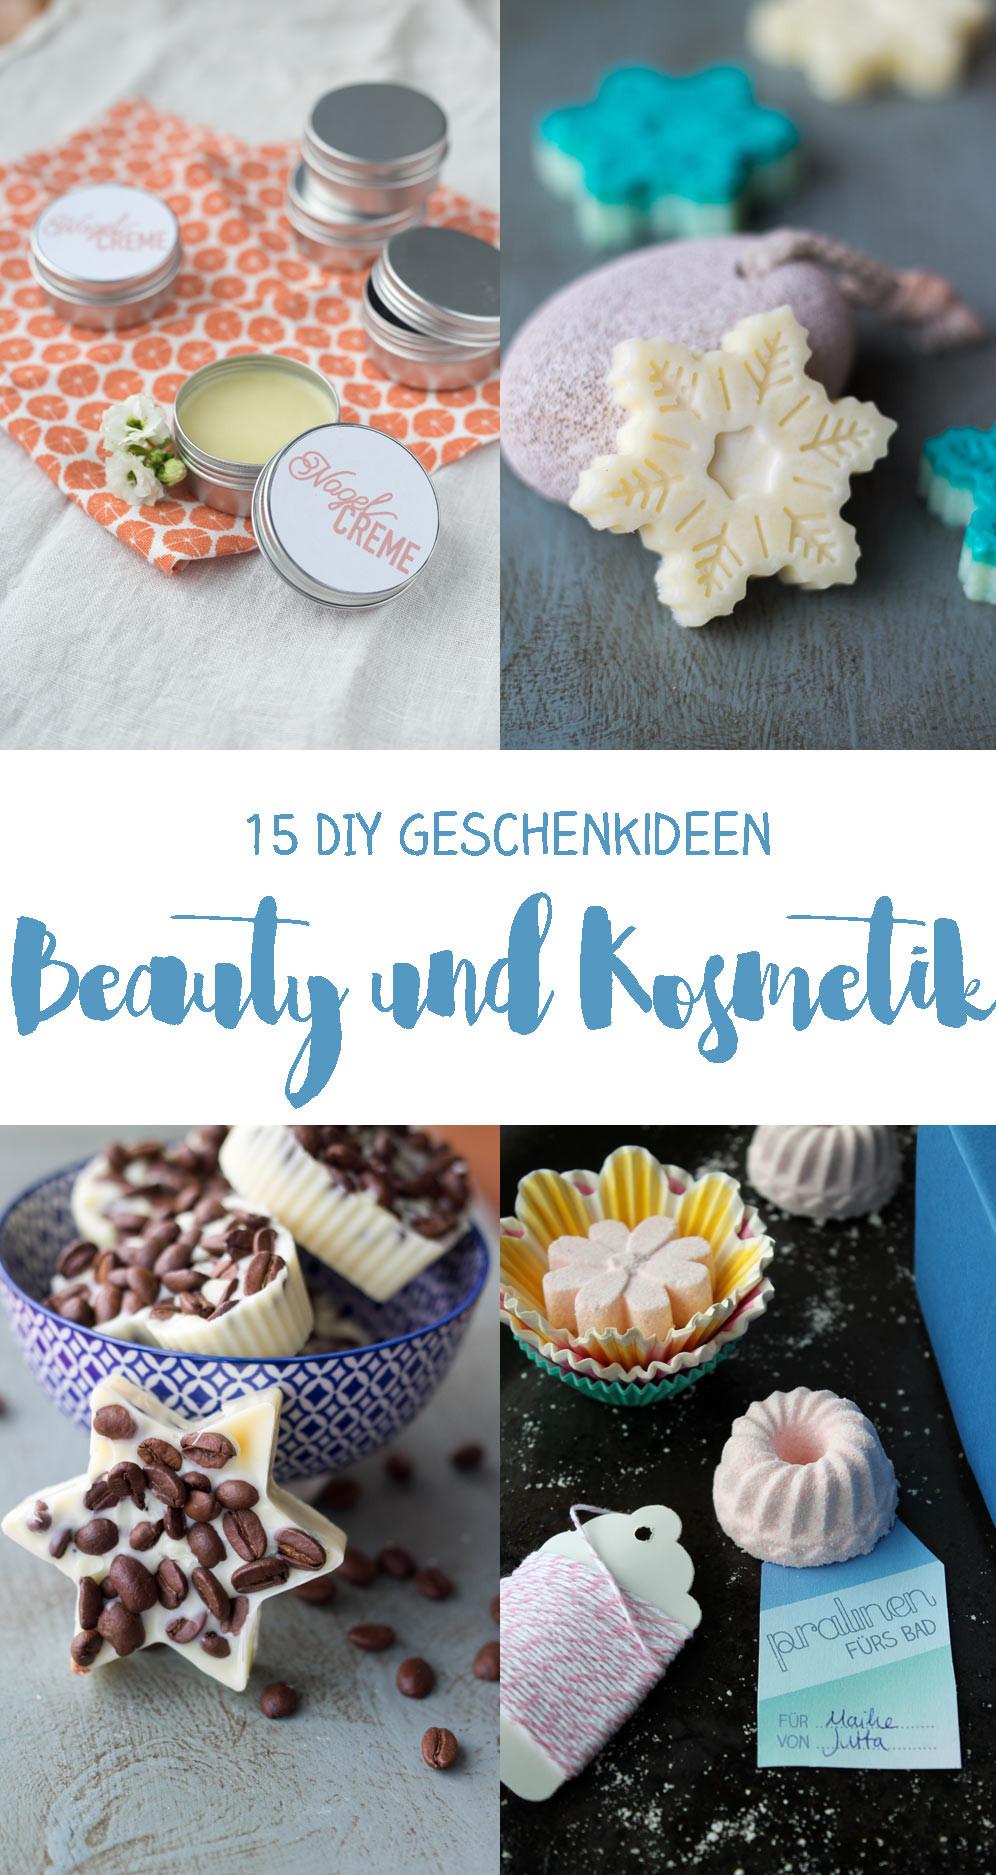 Diy Geschenkideen Weihnachten  15 DIY Kosmetik Geschenkideen zum Selbermachen